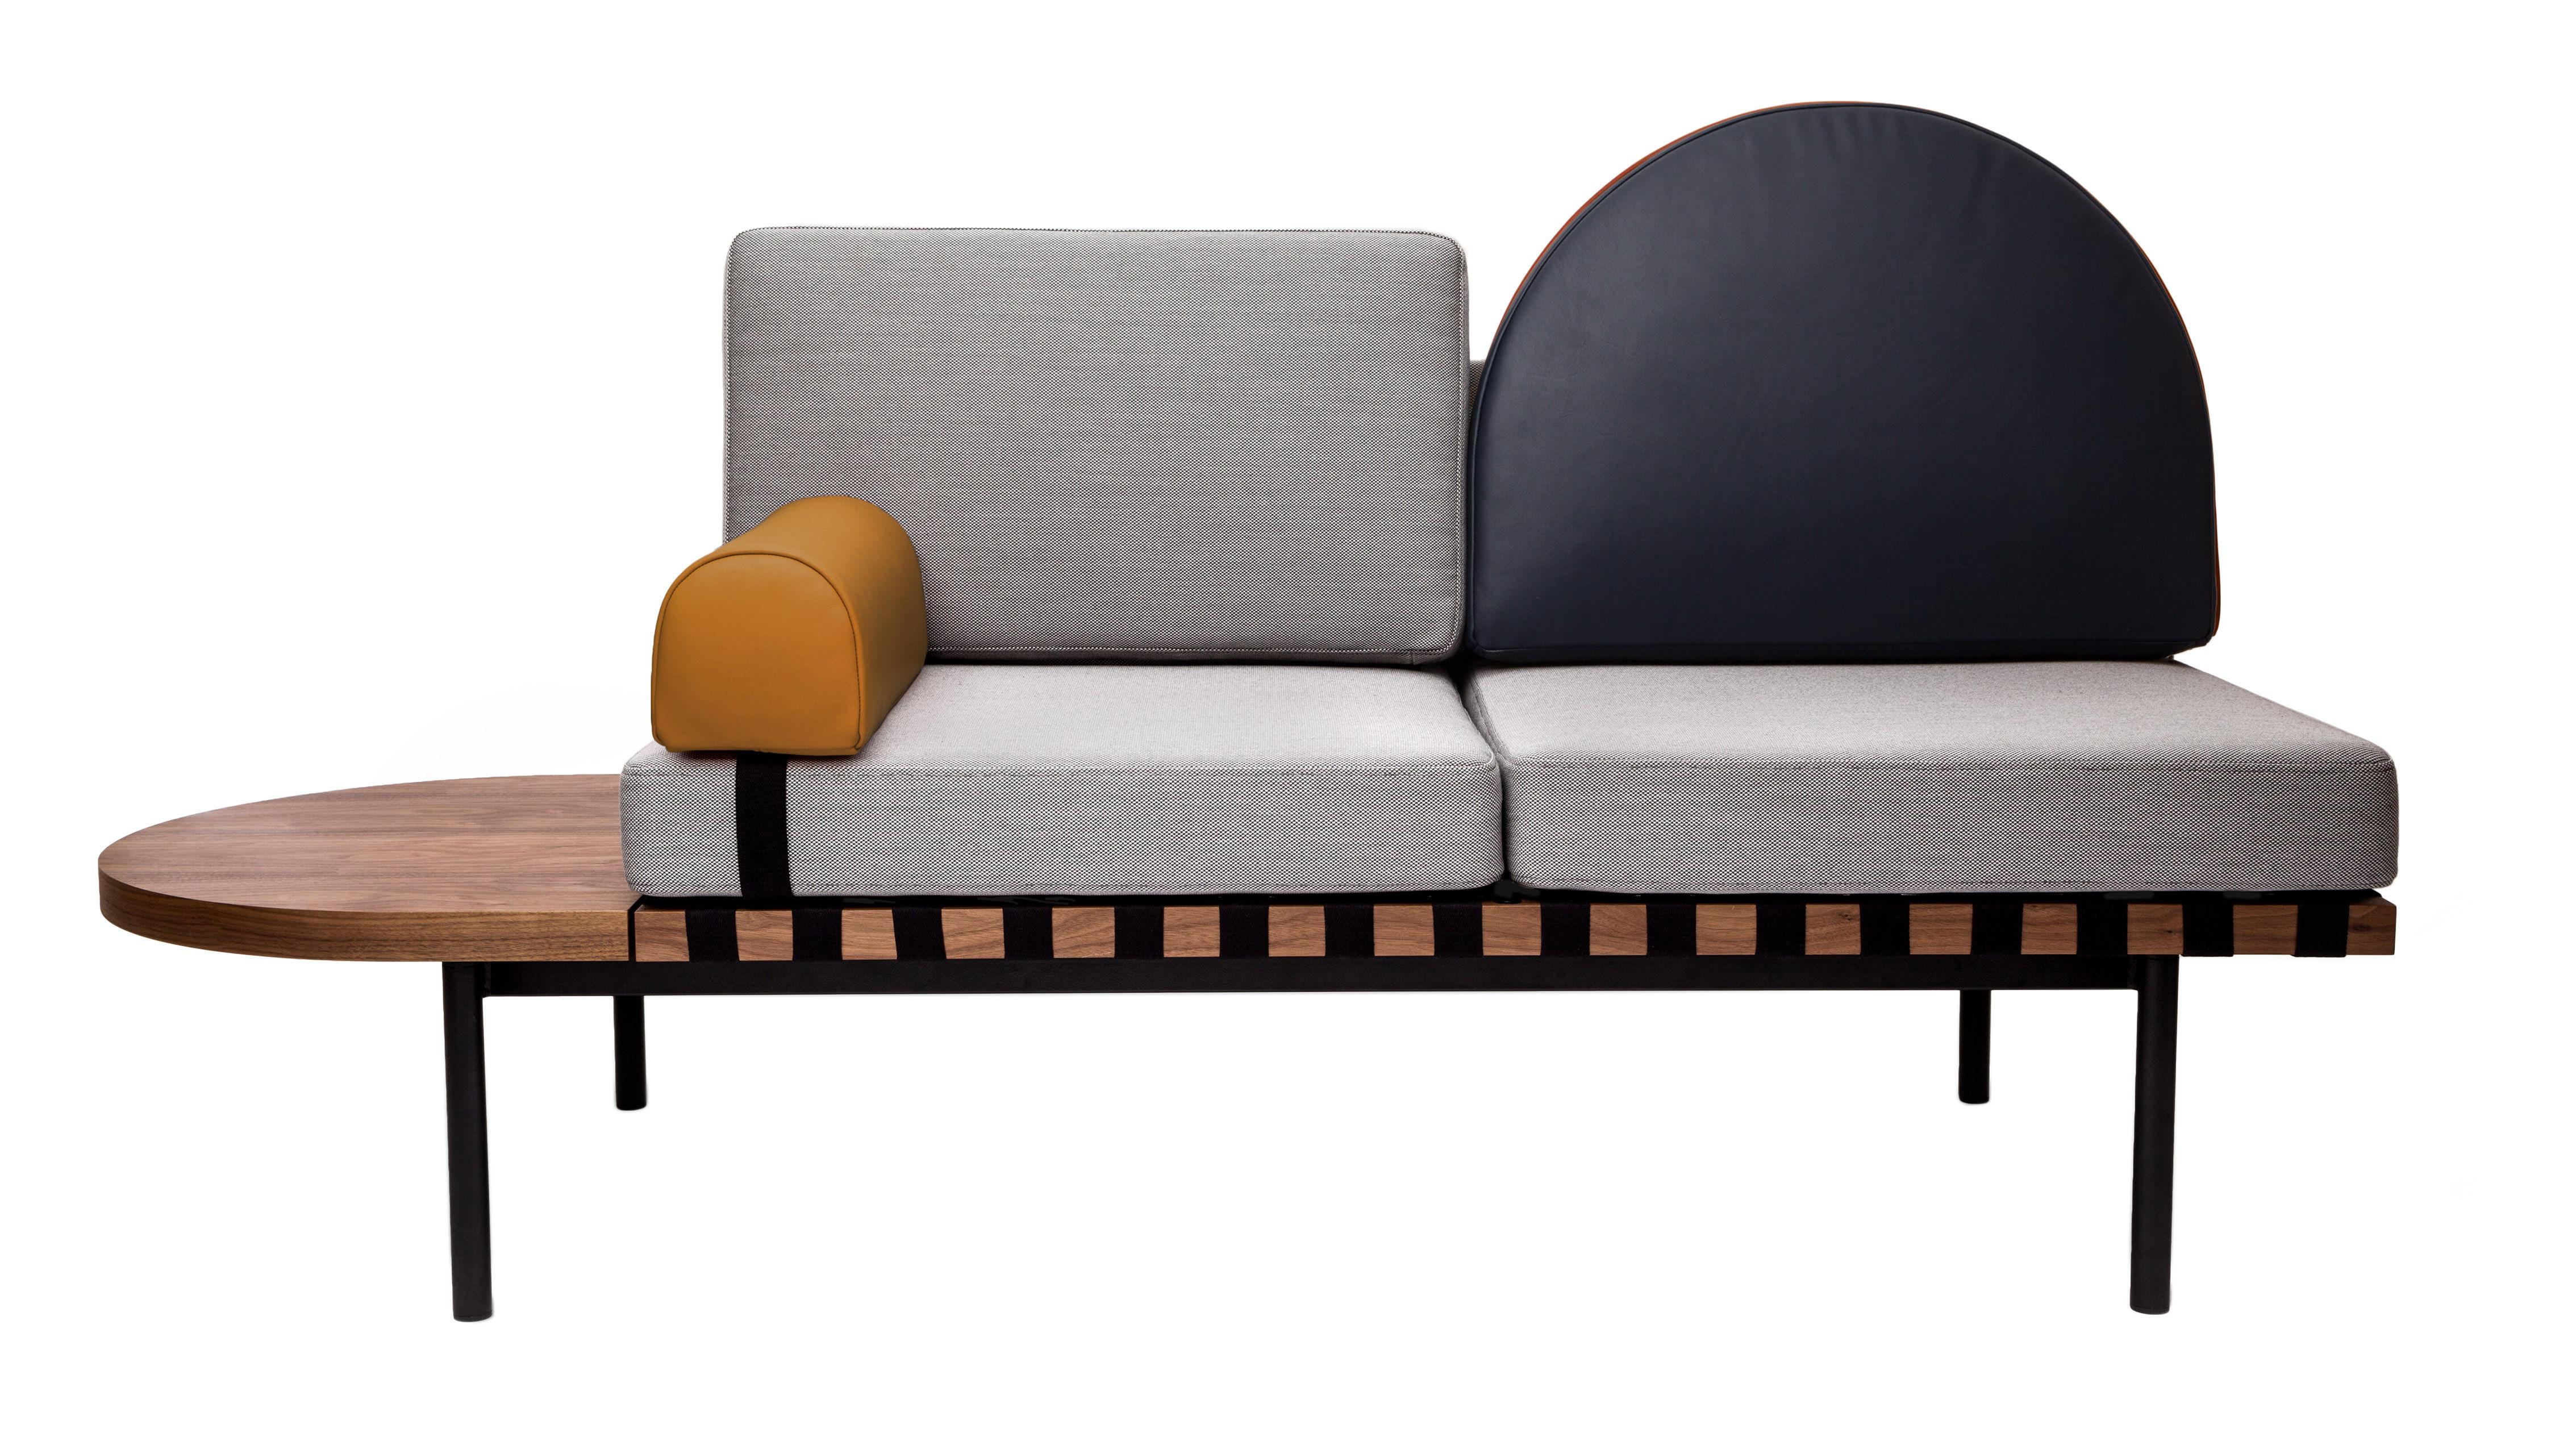 Canap 2 places grid modulable l 187 cm gris bleu for Copie meuble design